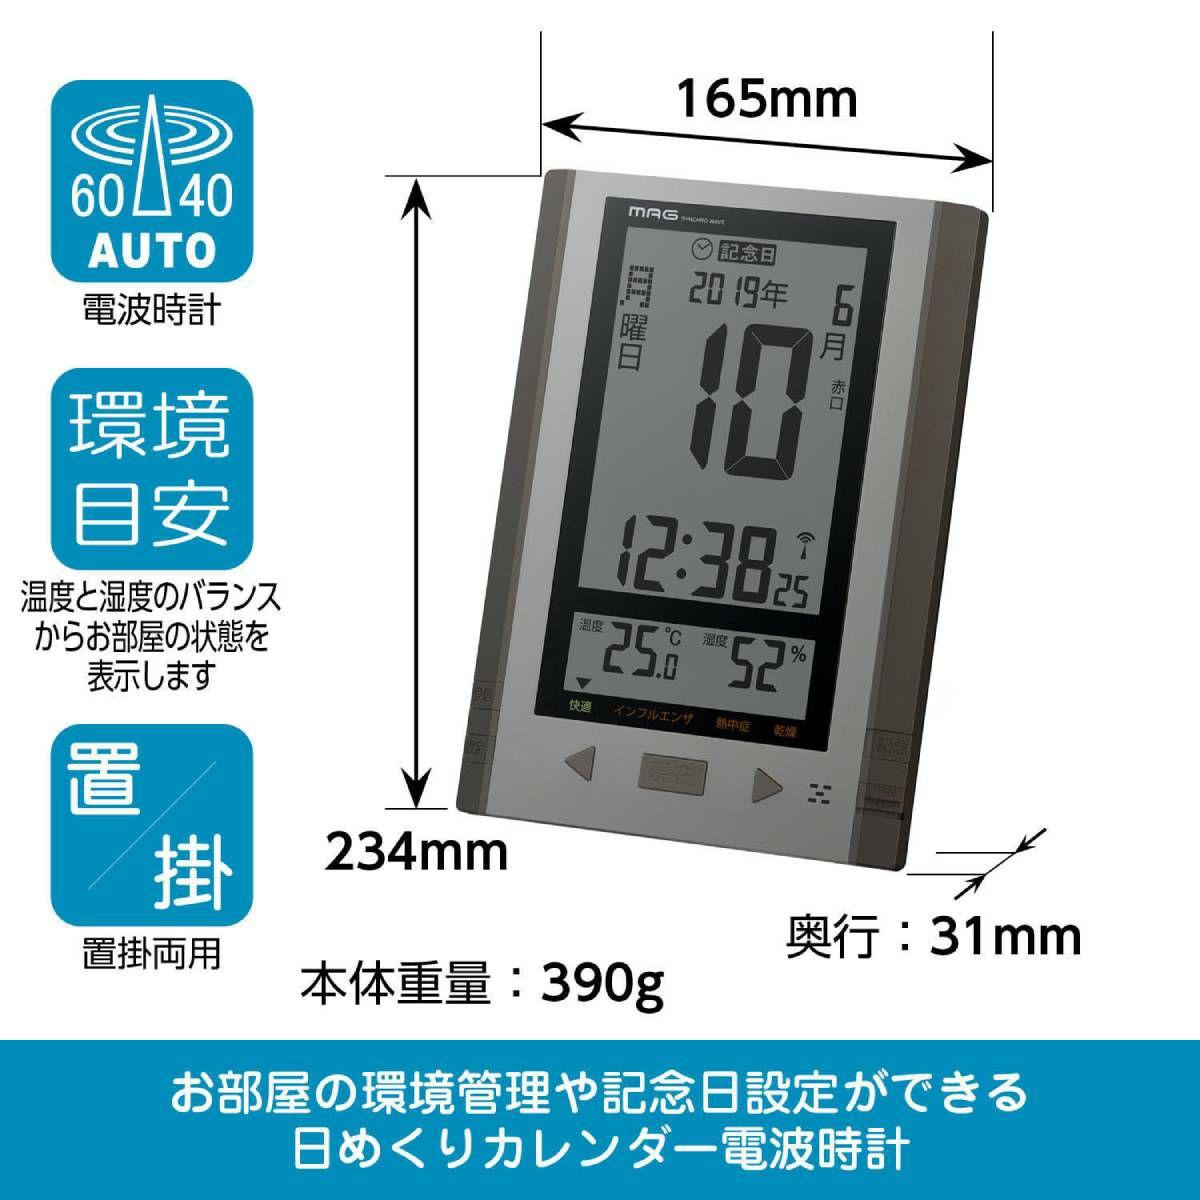 MAG(マグ) 電波日めくりカレンダー デイトン W-751